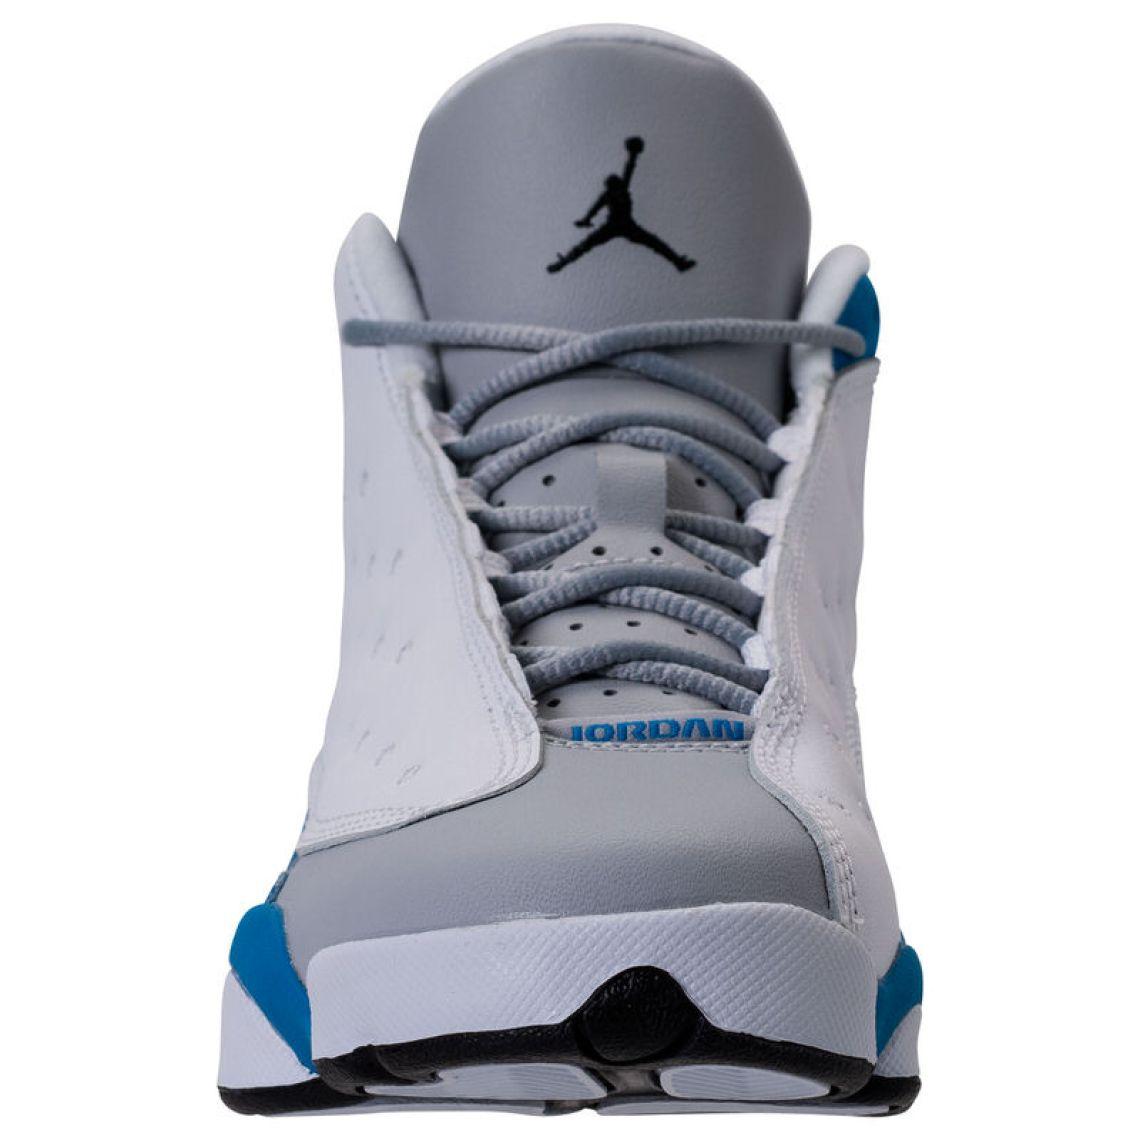 ca35c2e00d5 Air Jordan 13